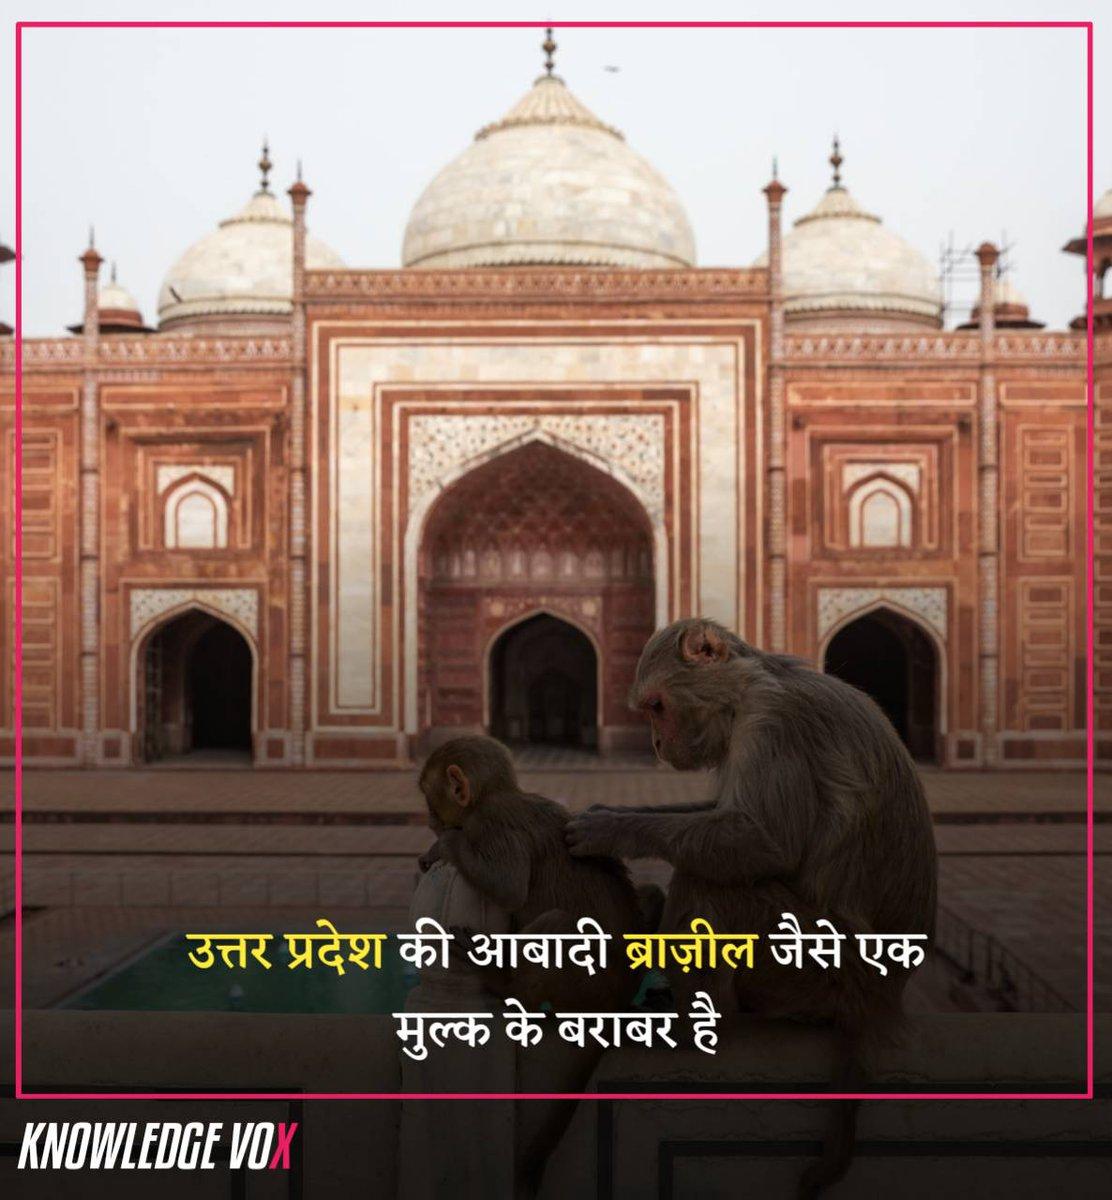 उत्तर प्रदेश की आबादी ब्राज़ील जैसे एक मुल्क के बराबर है  #Facts #Hindi #HindiFacts #RochakTathya #KnowledgeVoxpic.twitter.com/bh3NU5U1BC